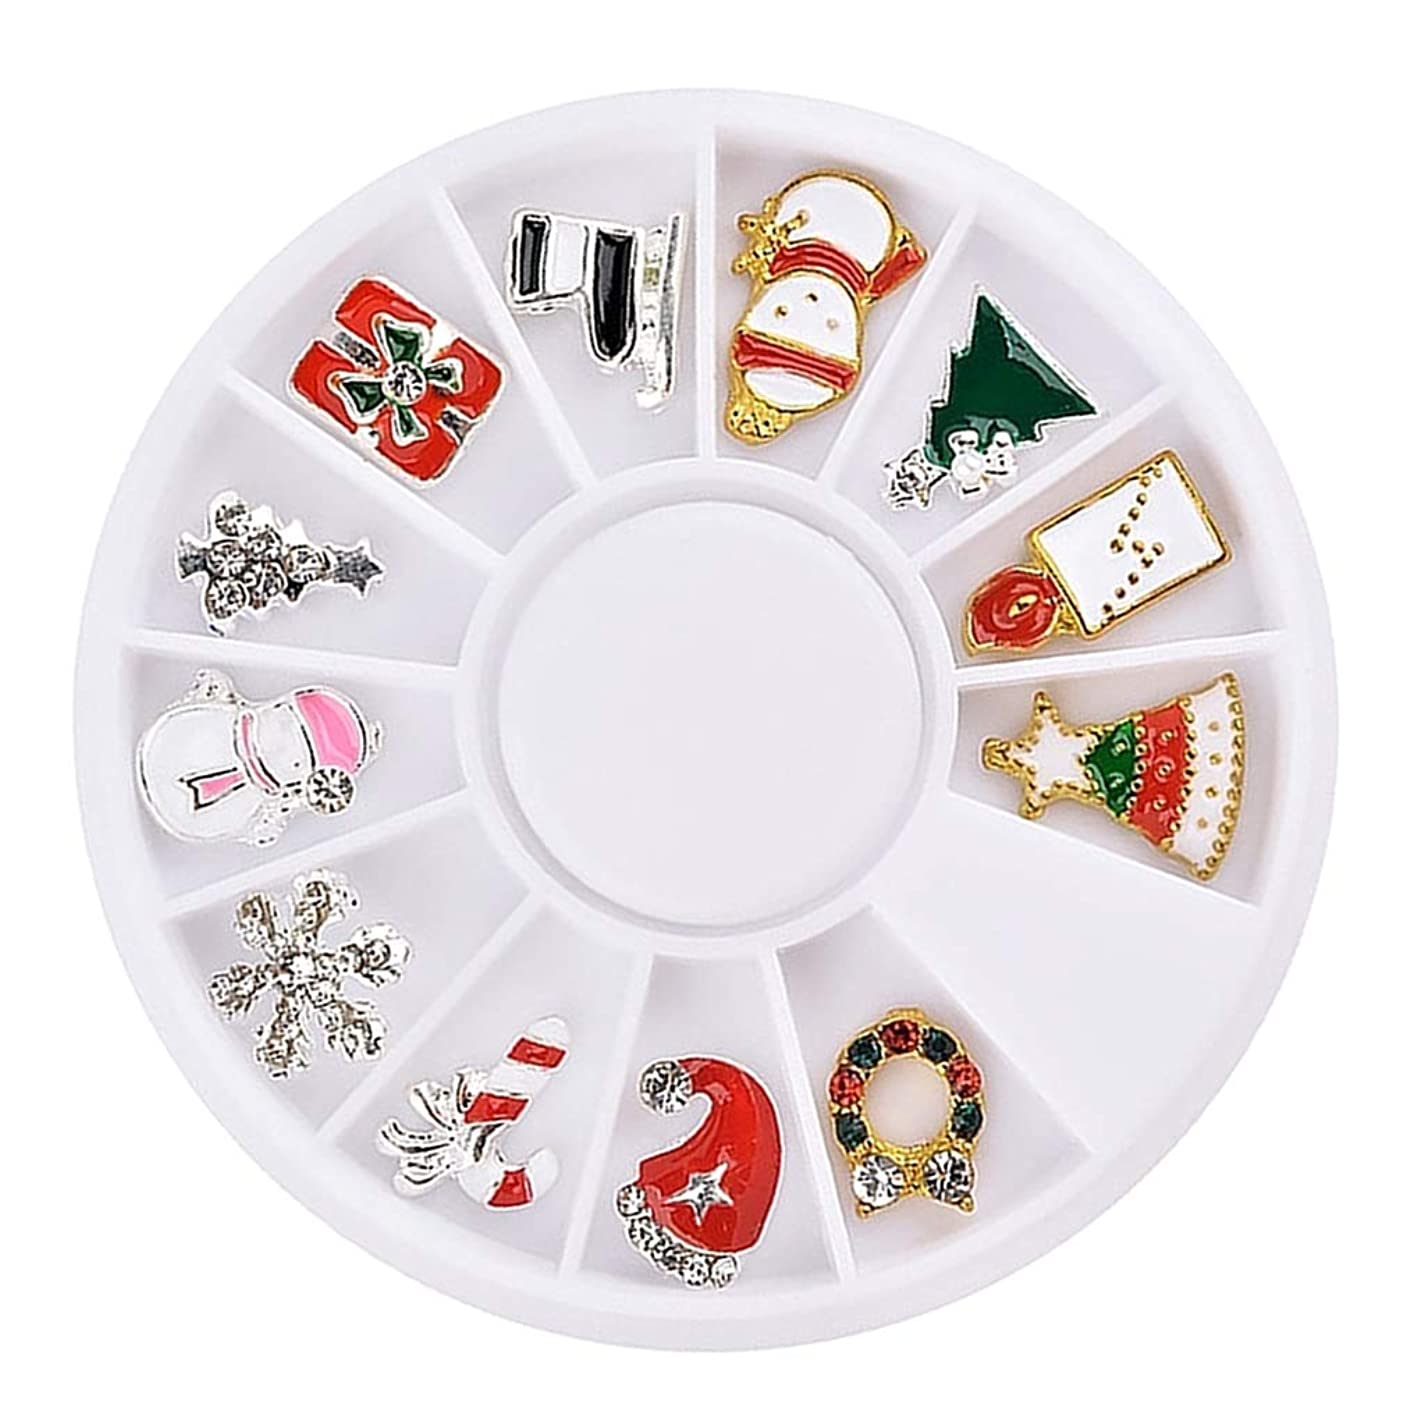 SM SunniMix ネイルアート ネイルパーツ 3Dネイルアート ステッカー 12枚 クリスマス風 マニキュア デコパーツ - #2